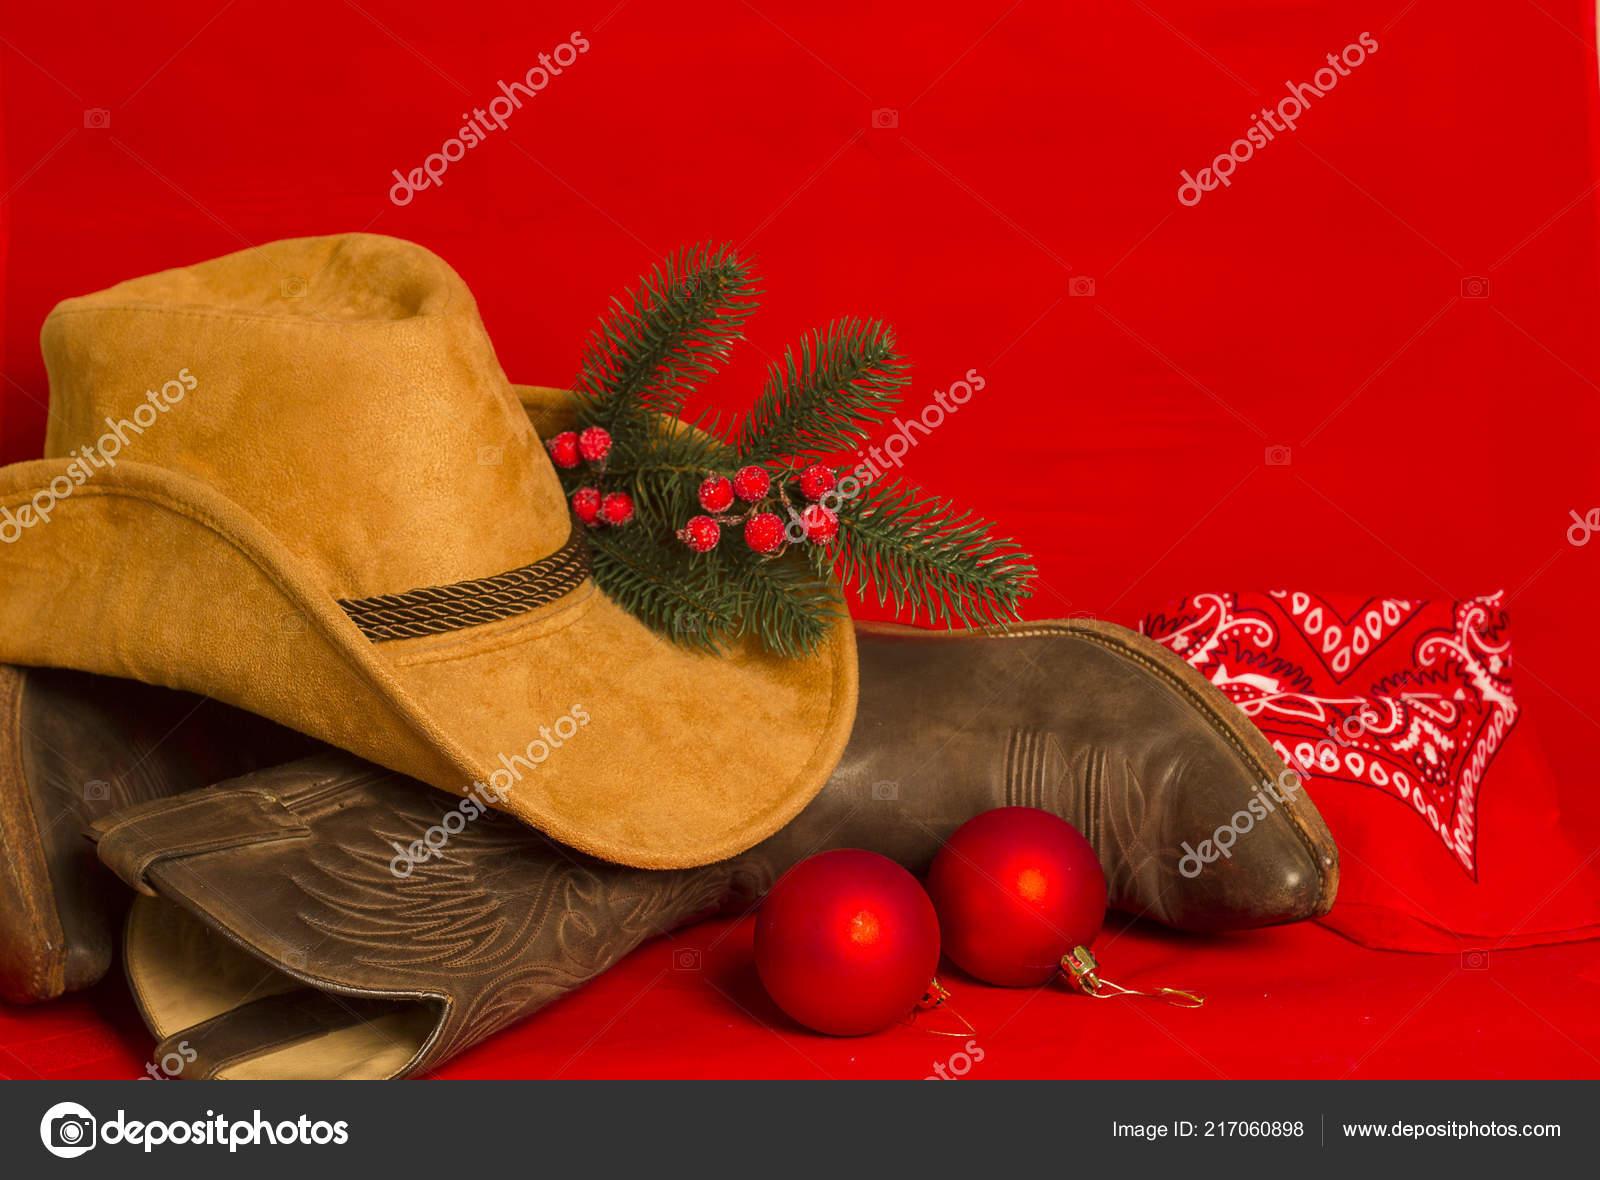 Amerikanische Weihnachtskarten.Cowboy Weihnachtskarte Amerikanischen Westen Traditionelle Stiefel